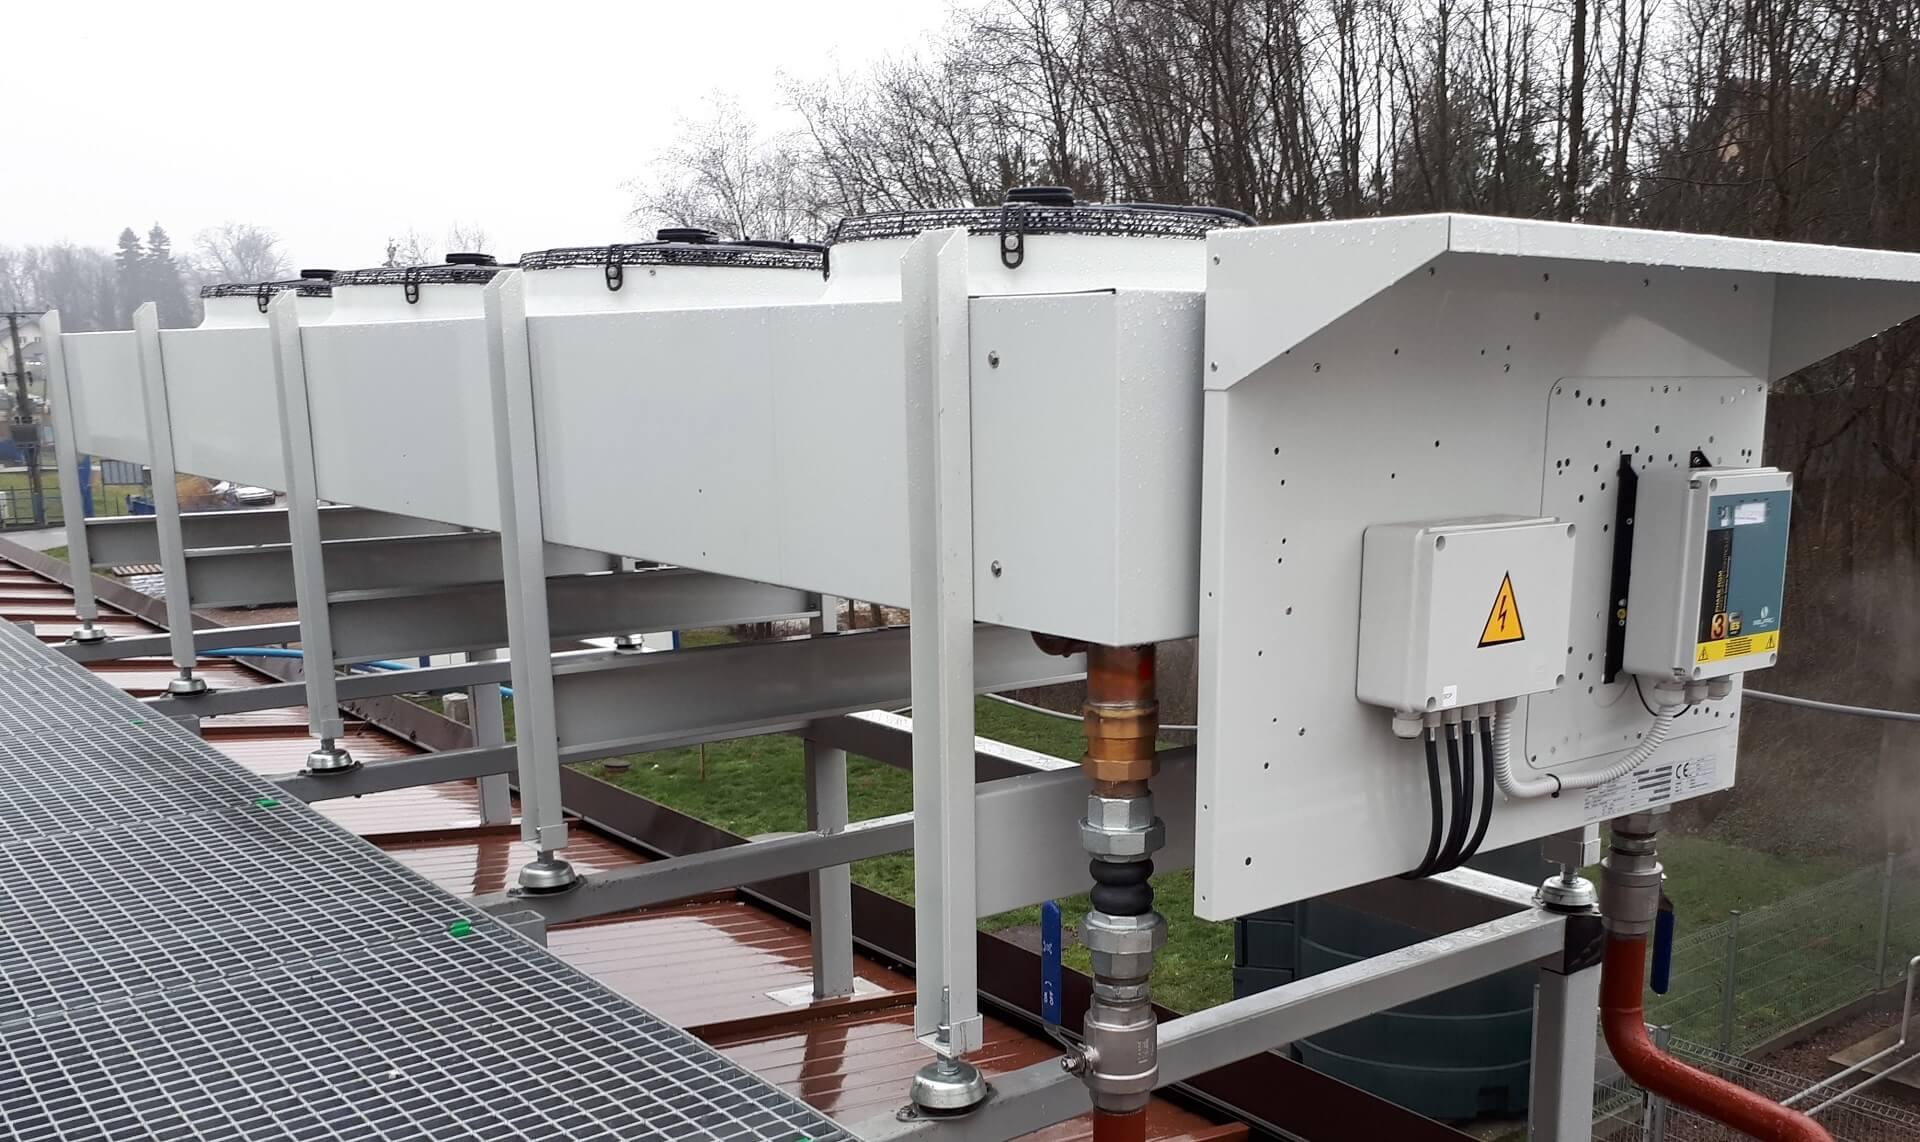 20180112 111209 e1543496627525 - Urządzenia do chłodzenia wody technologicznej